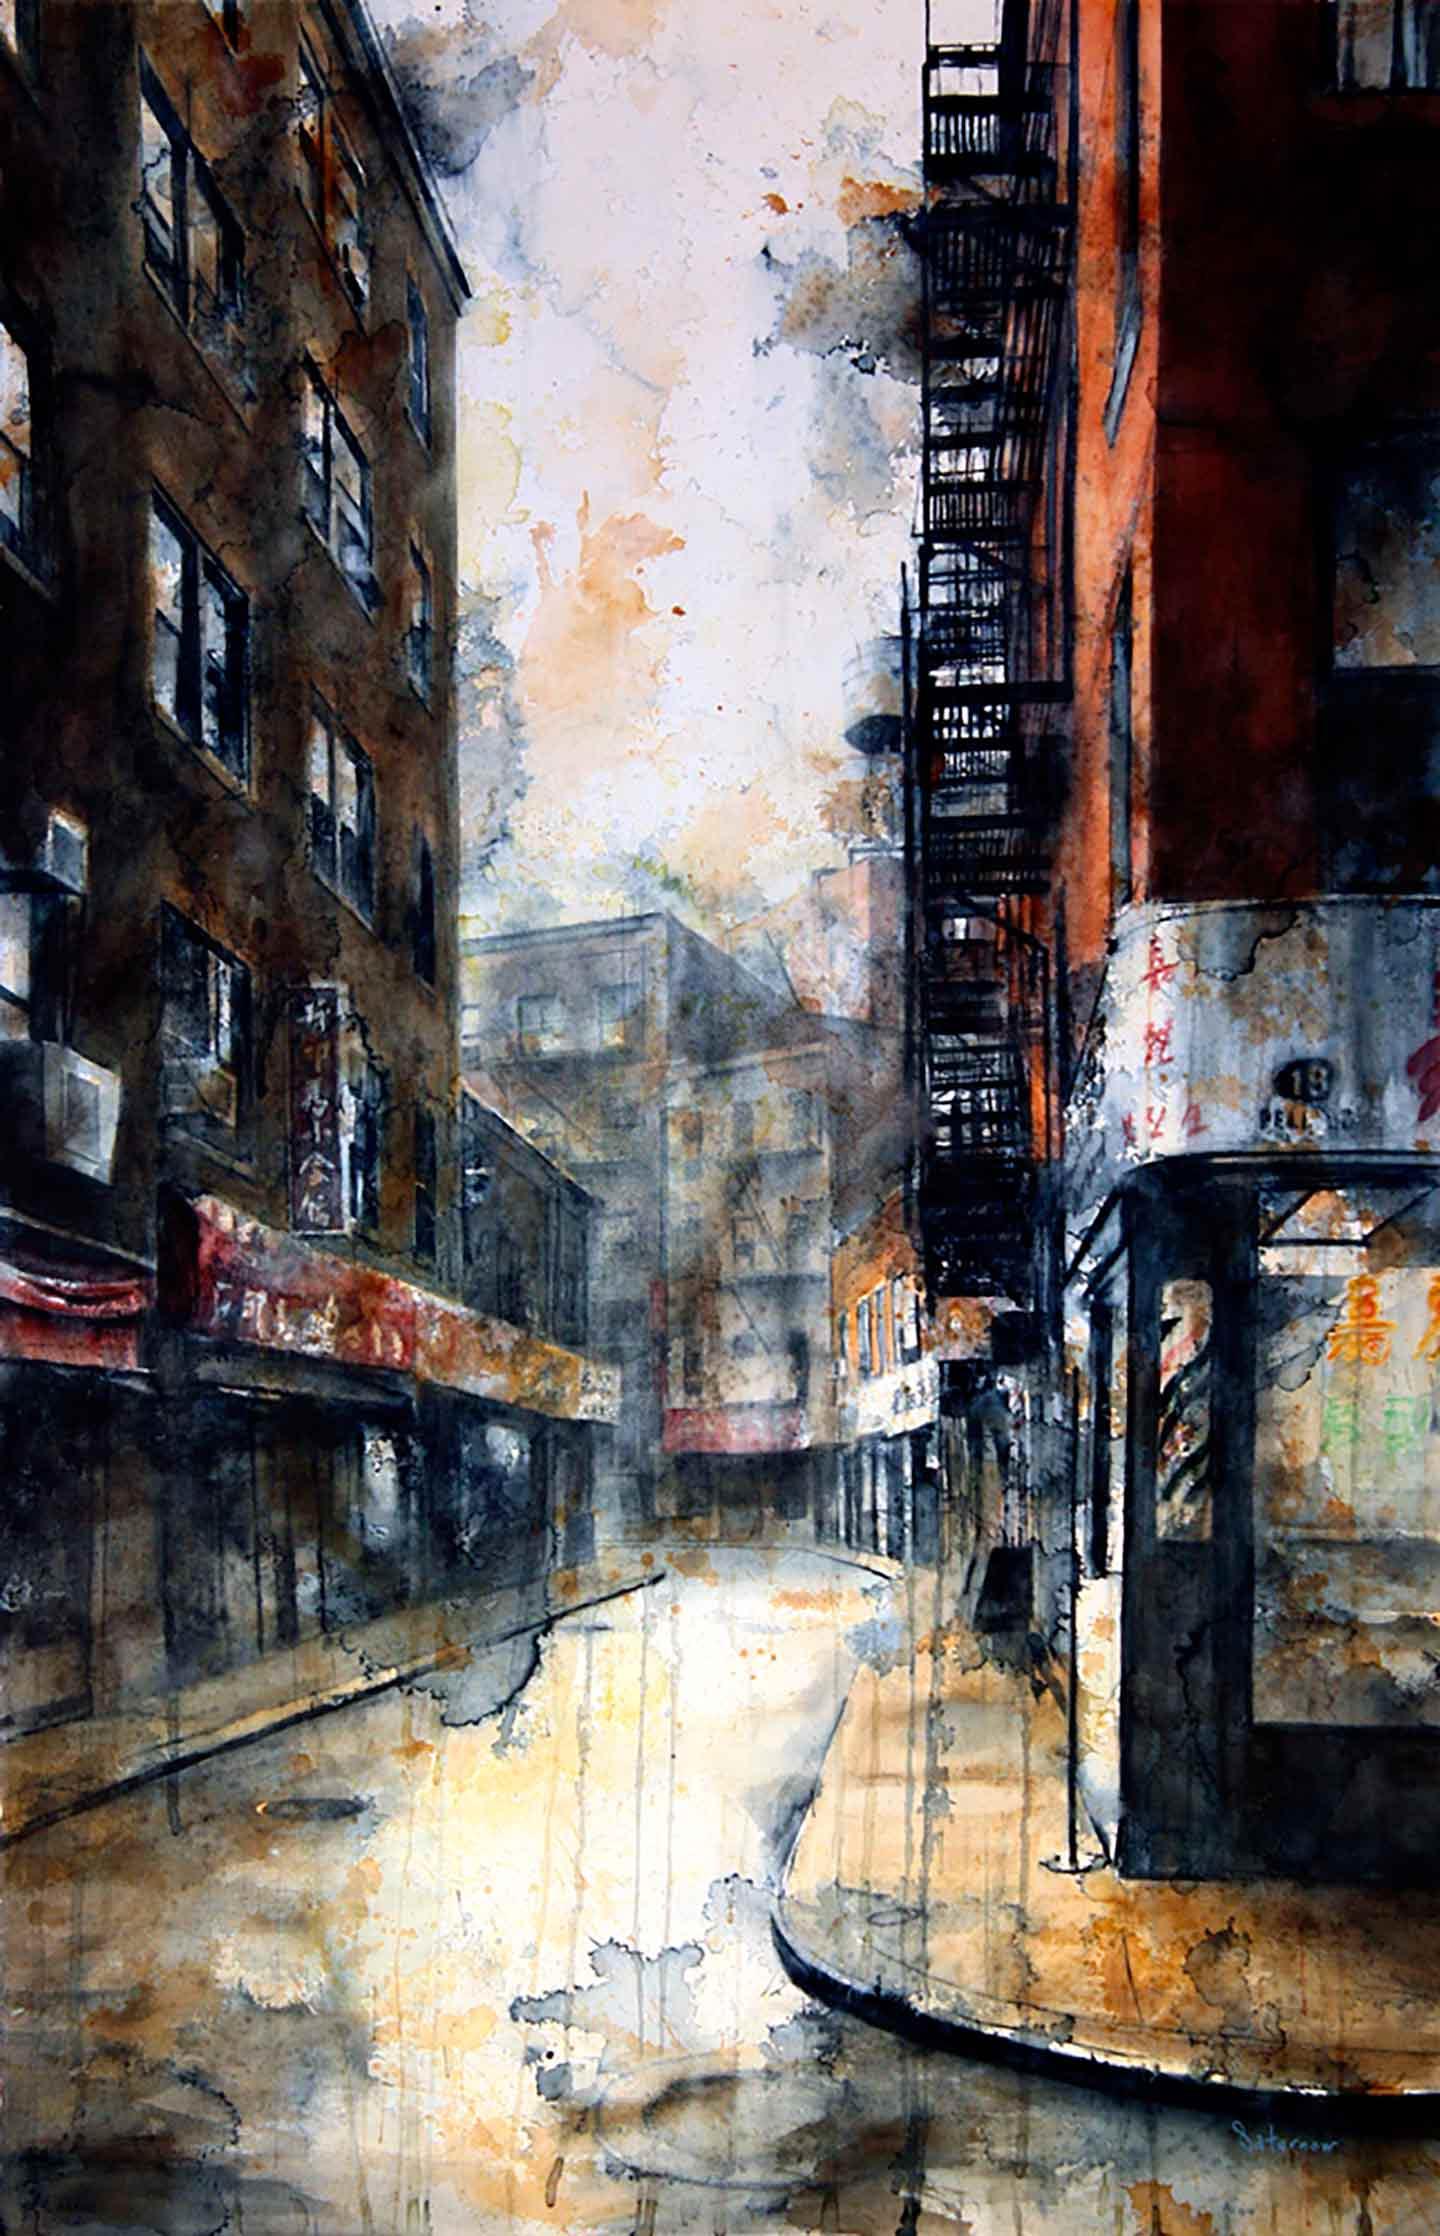 Doyers Street at Pell, rain